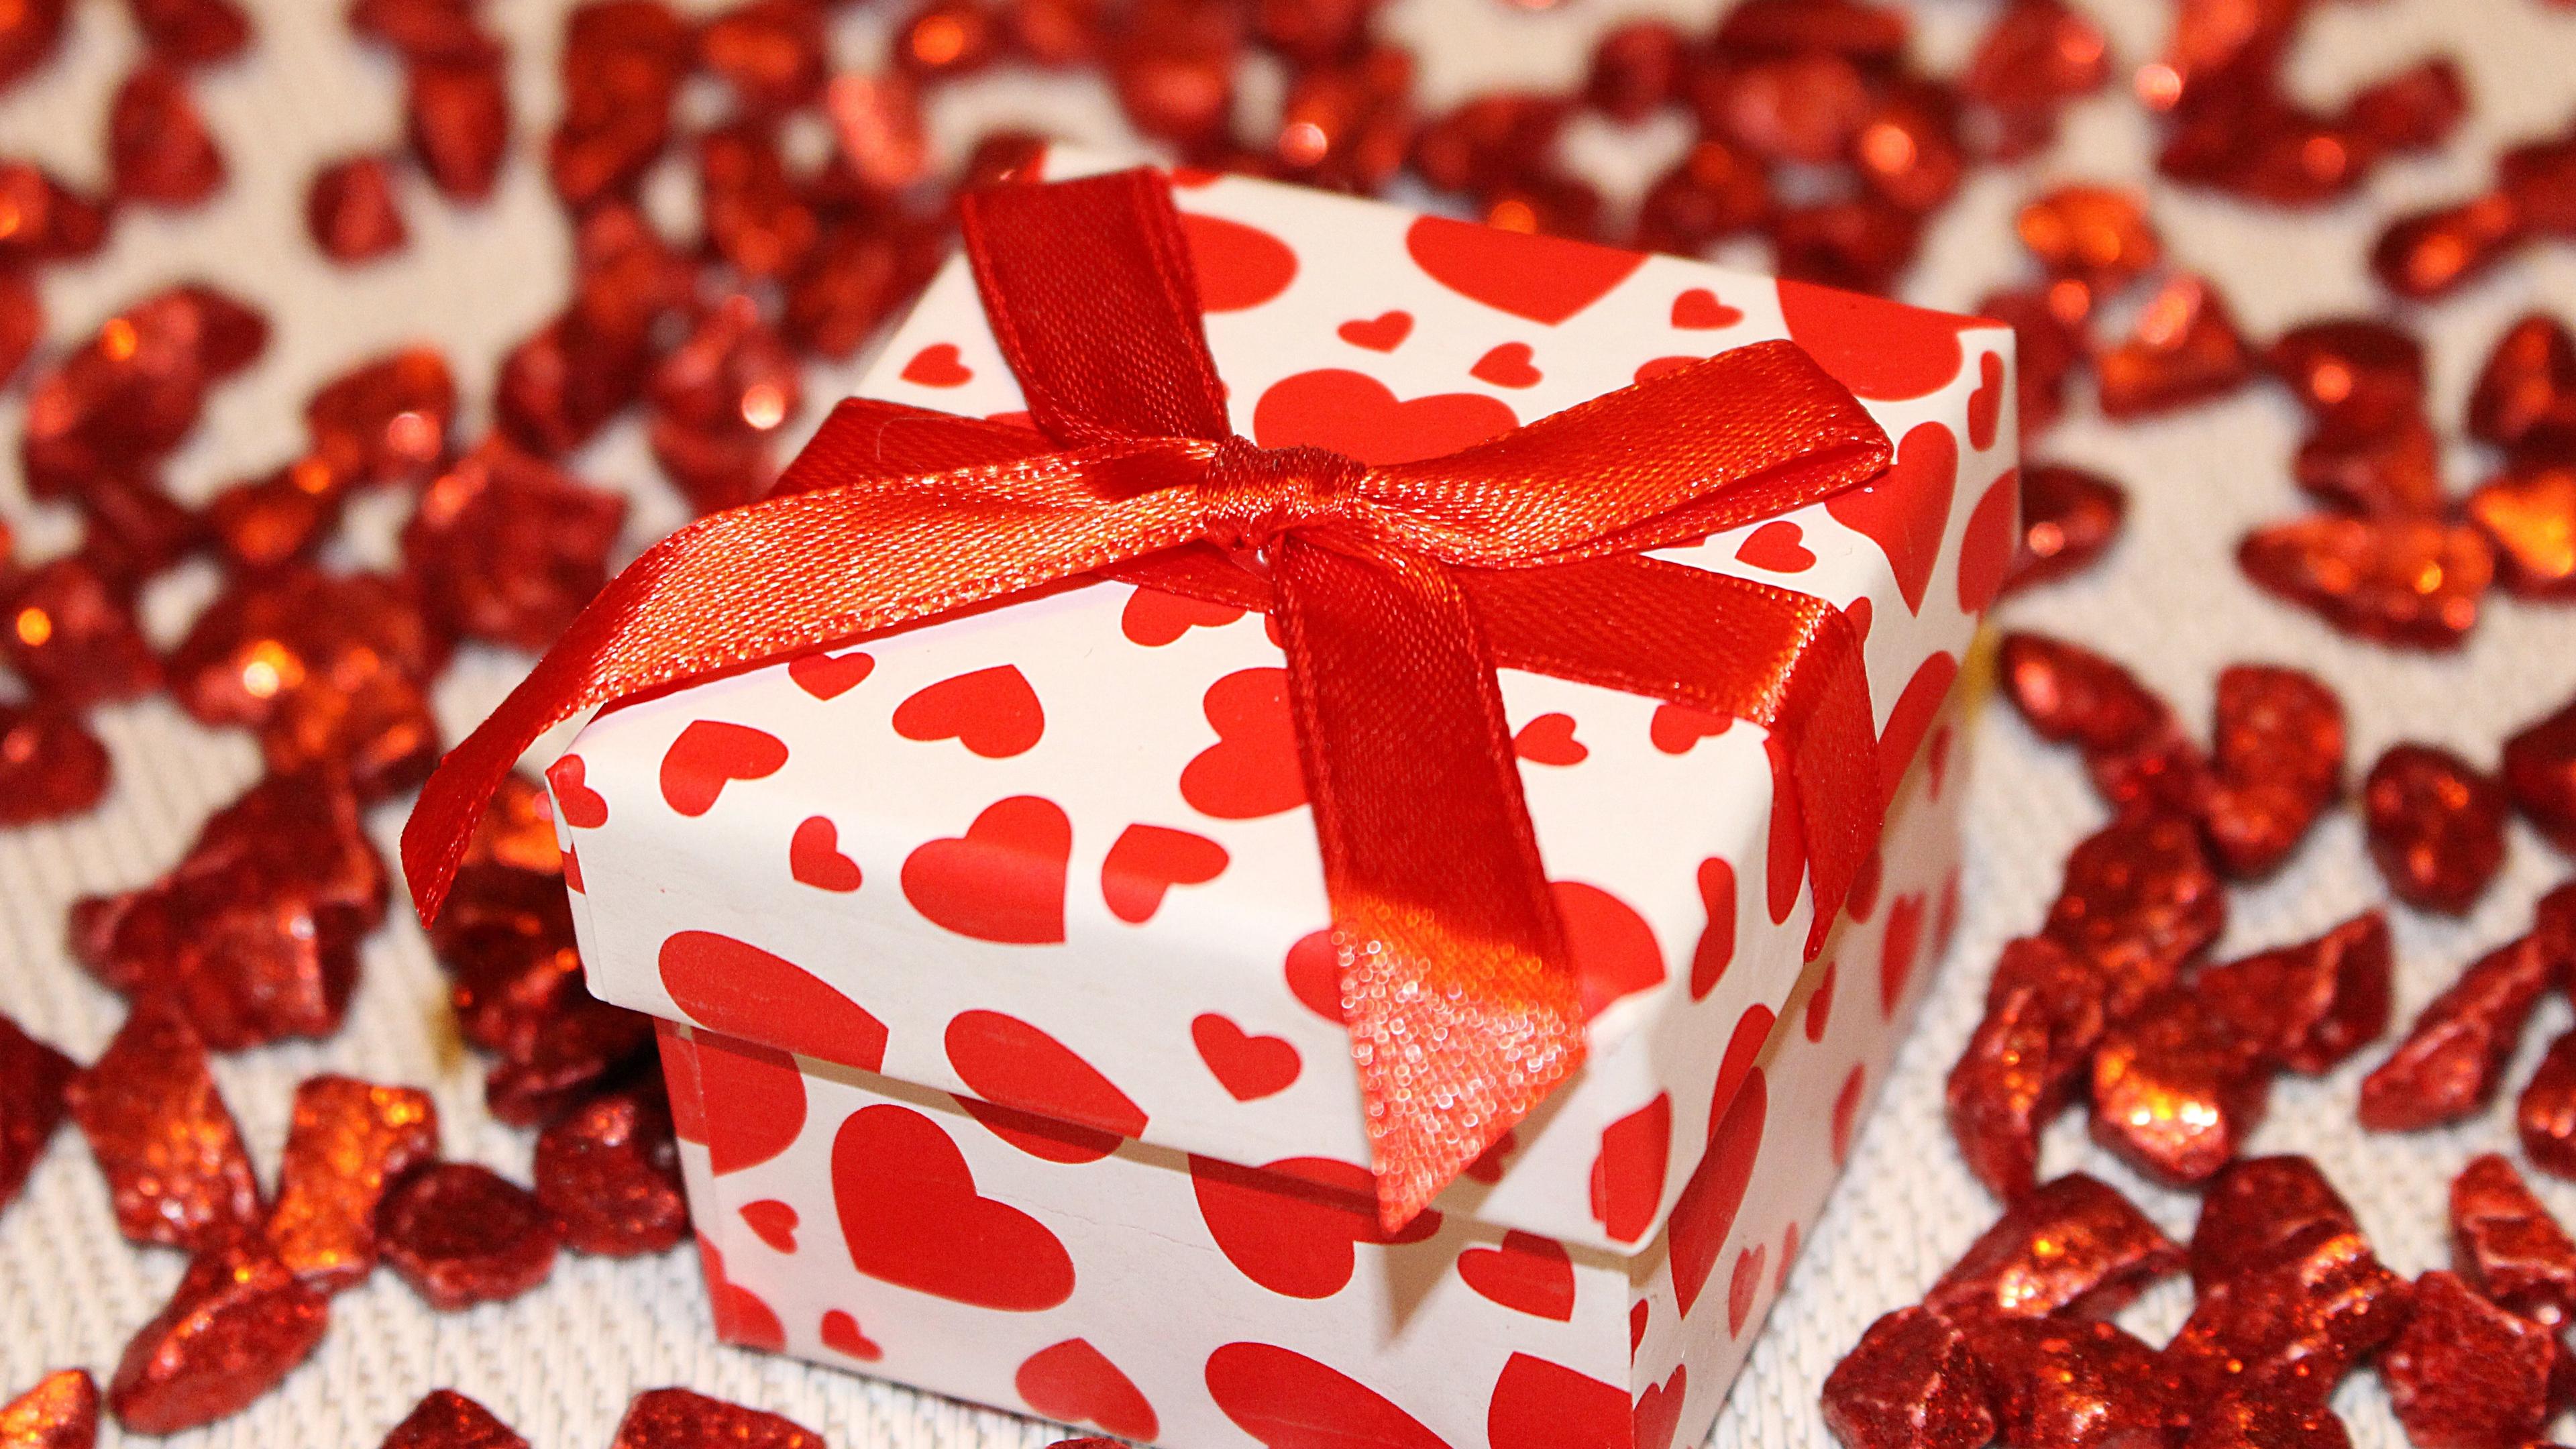 gift box ribbon heart 4k 1538345125 - gift, box, ribbon, heart 4k - ribbon, Gift, box